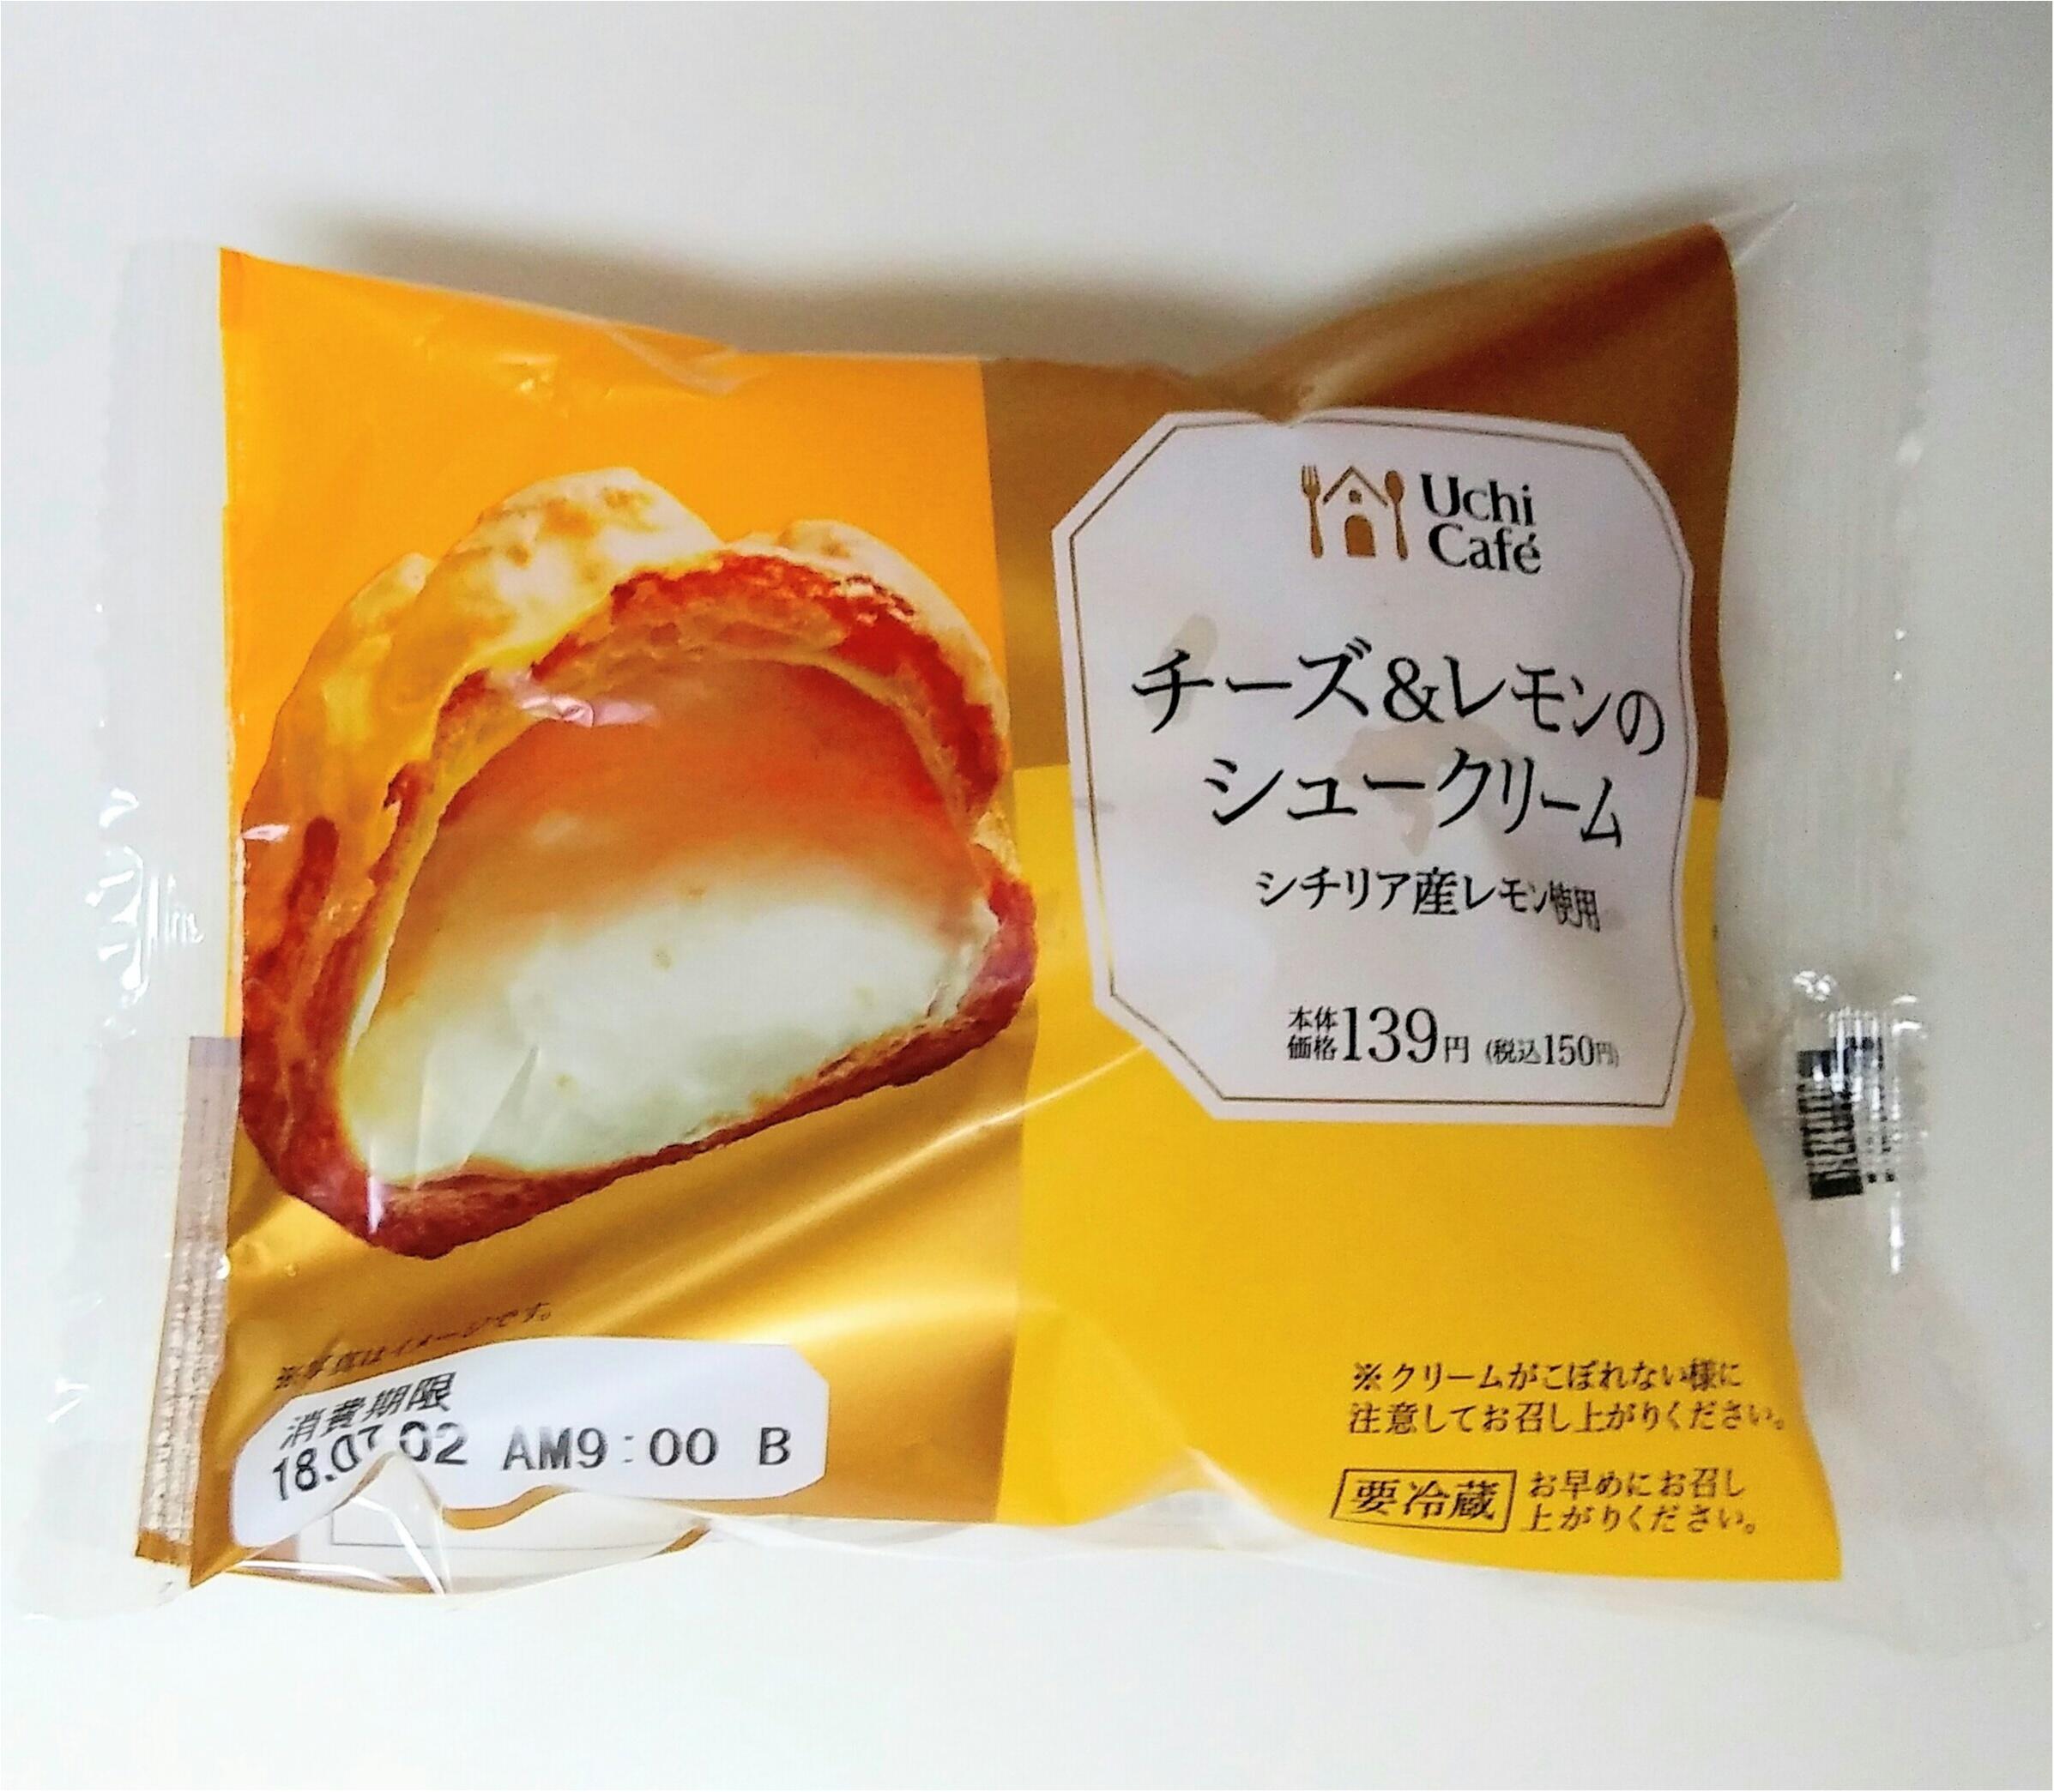 【ローソンウチカフェ】クリームチーズたっぷりなチーズ&レモンのシュクリーム_1